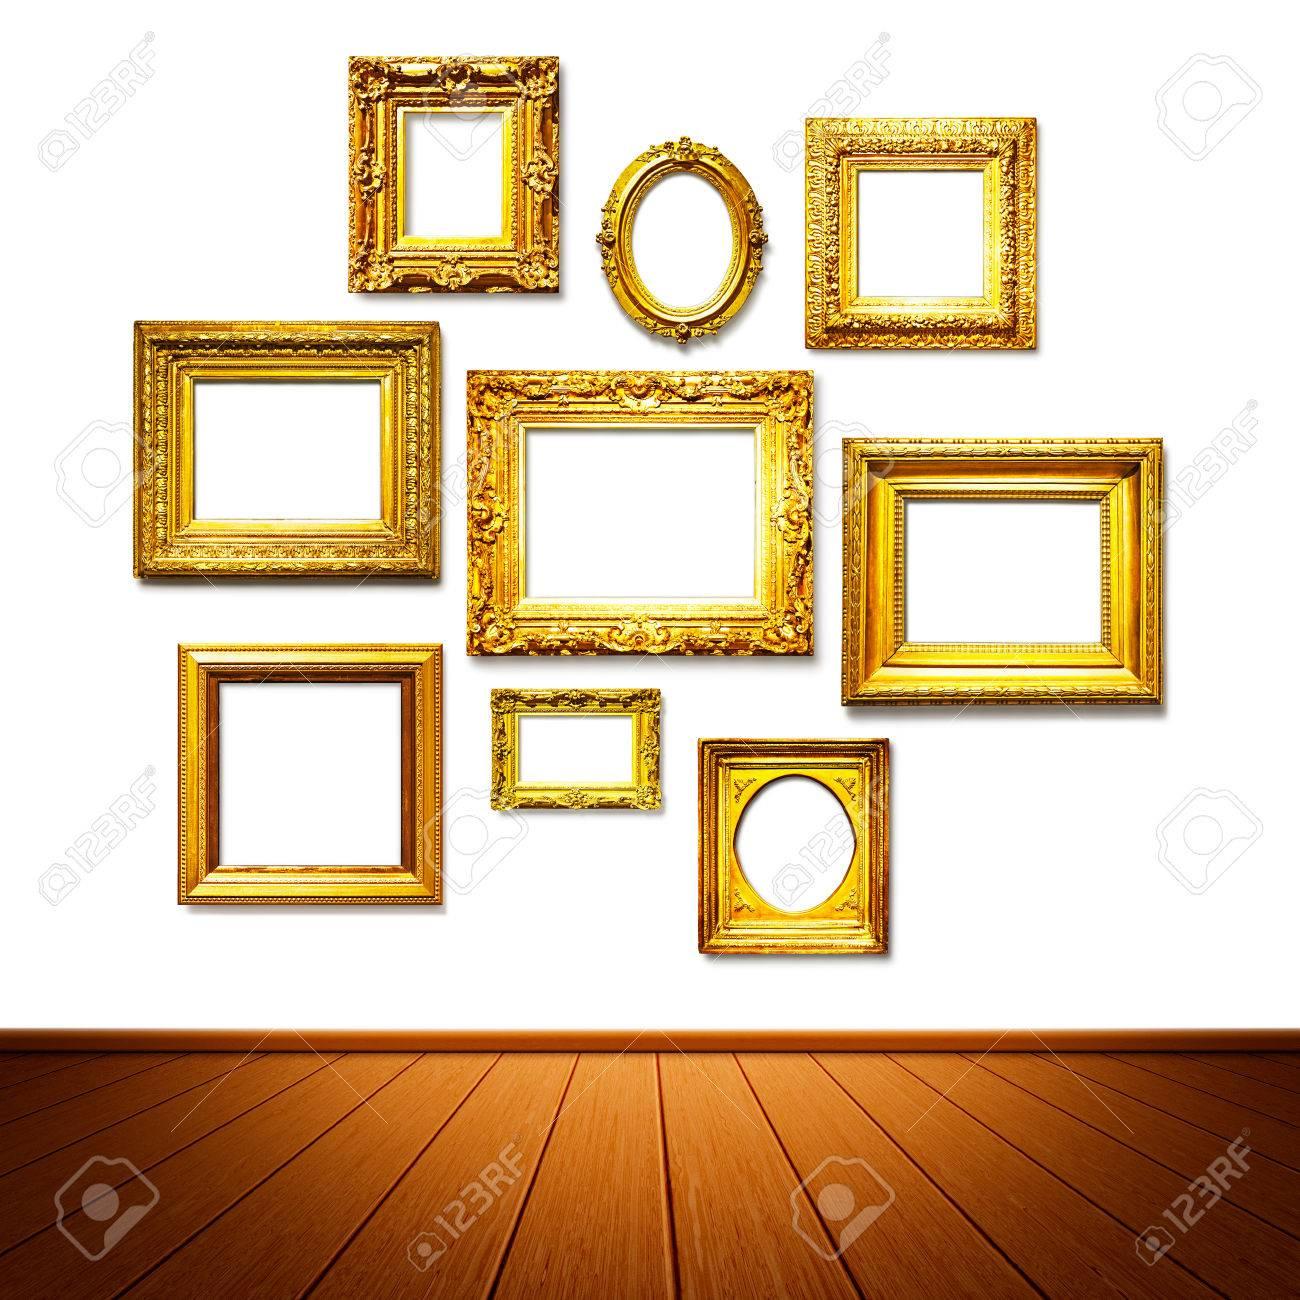 Antiguos Marcos De Oro En La Pared. Galería De Arte. Objetos De ...